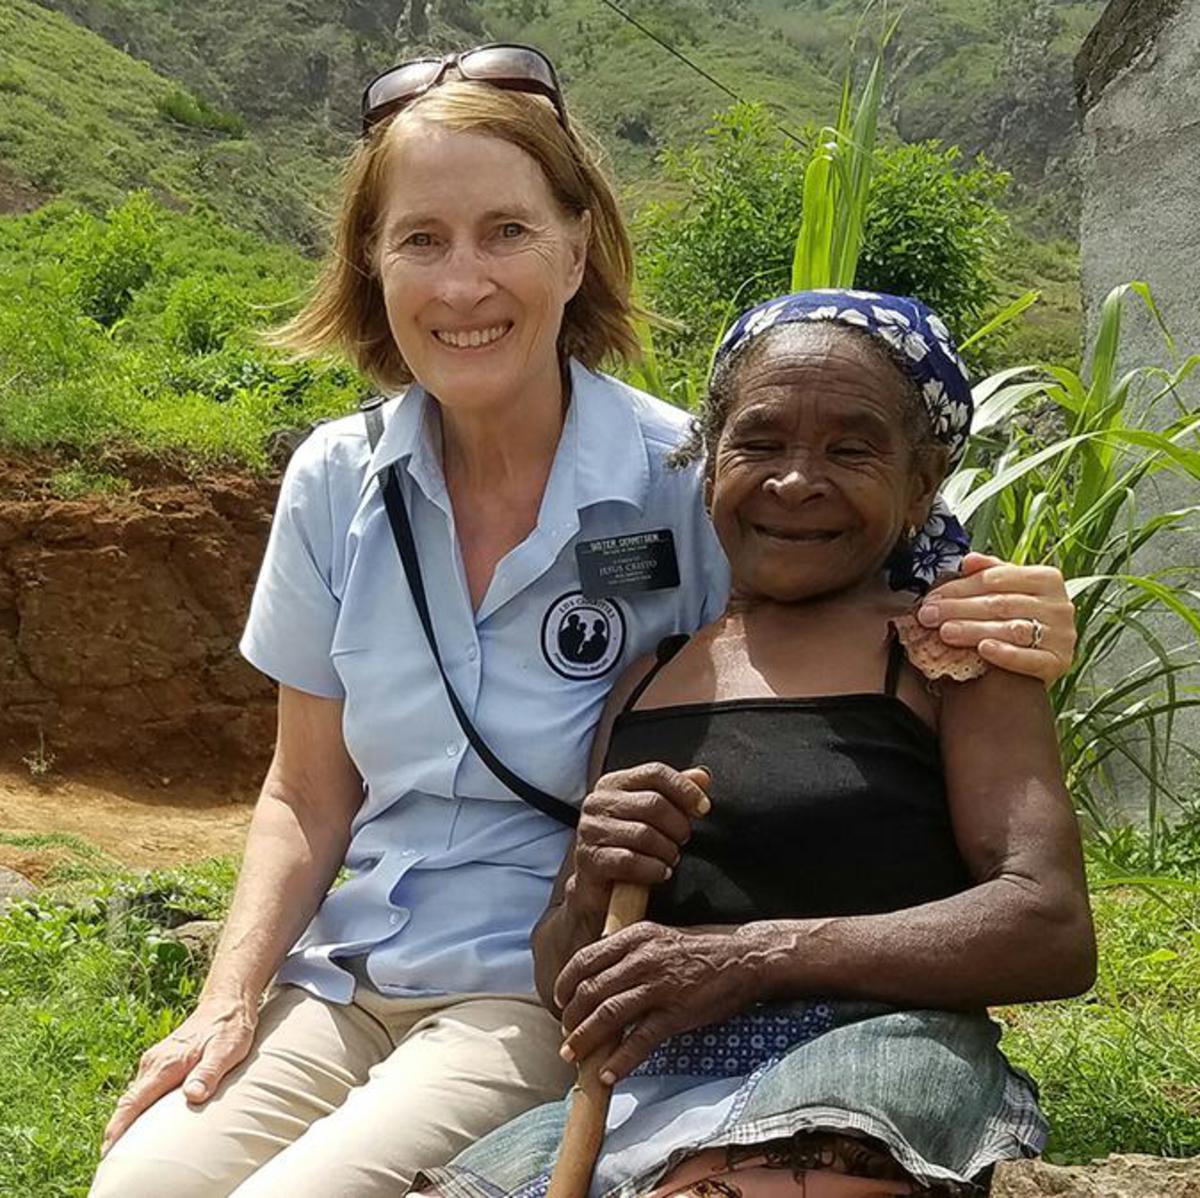 Zuster Gerritsen (links) naast Julia, een 71-jarige vrouw met cataract, een slechte heup en een schouderkwetsuur die dagelijks blootsvoets de steile helling naar haar huis beklimt.